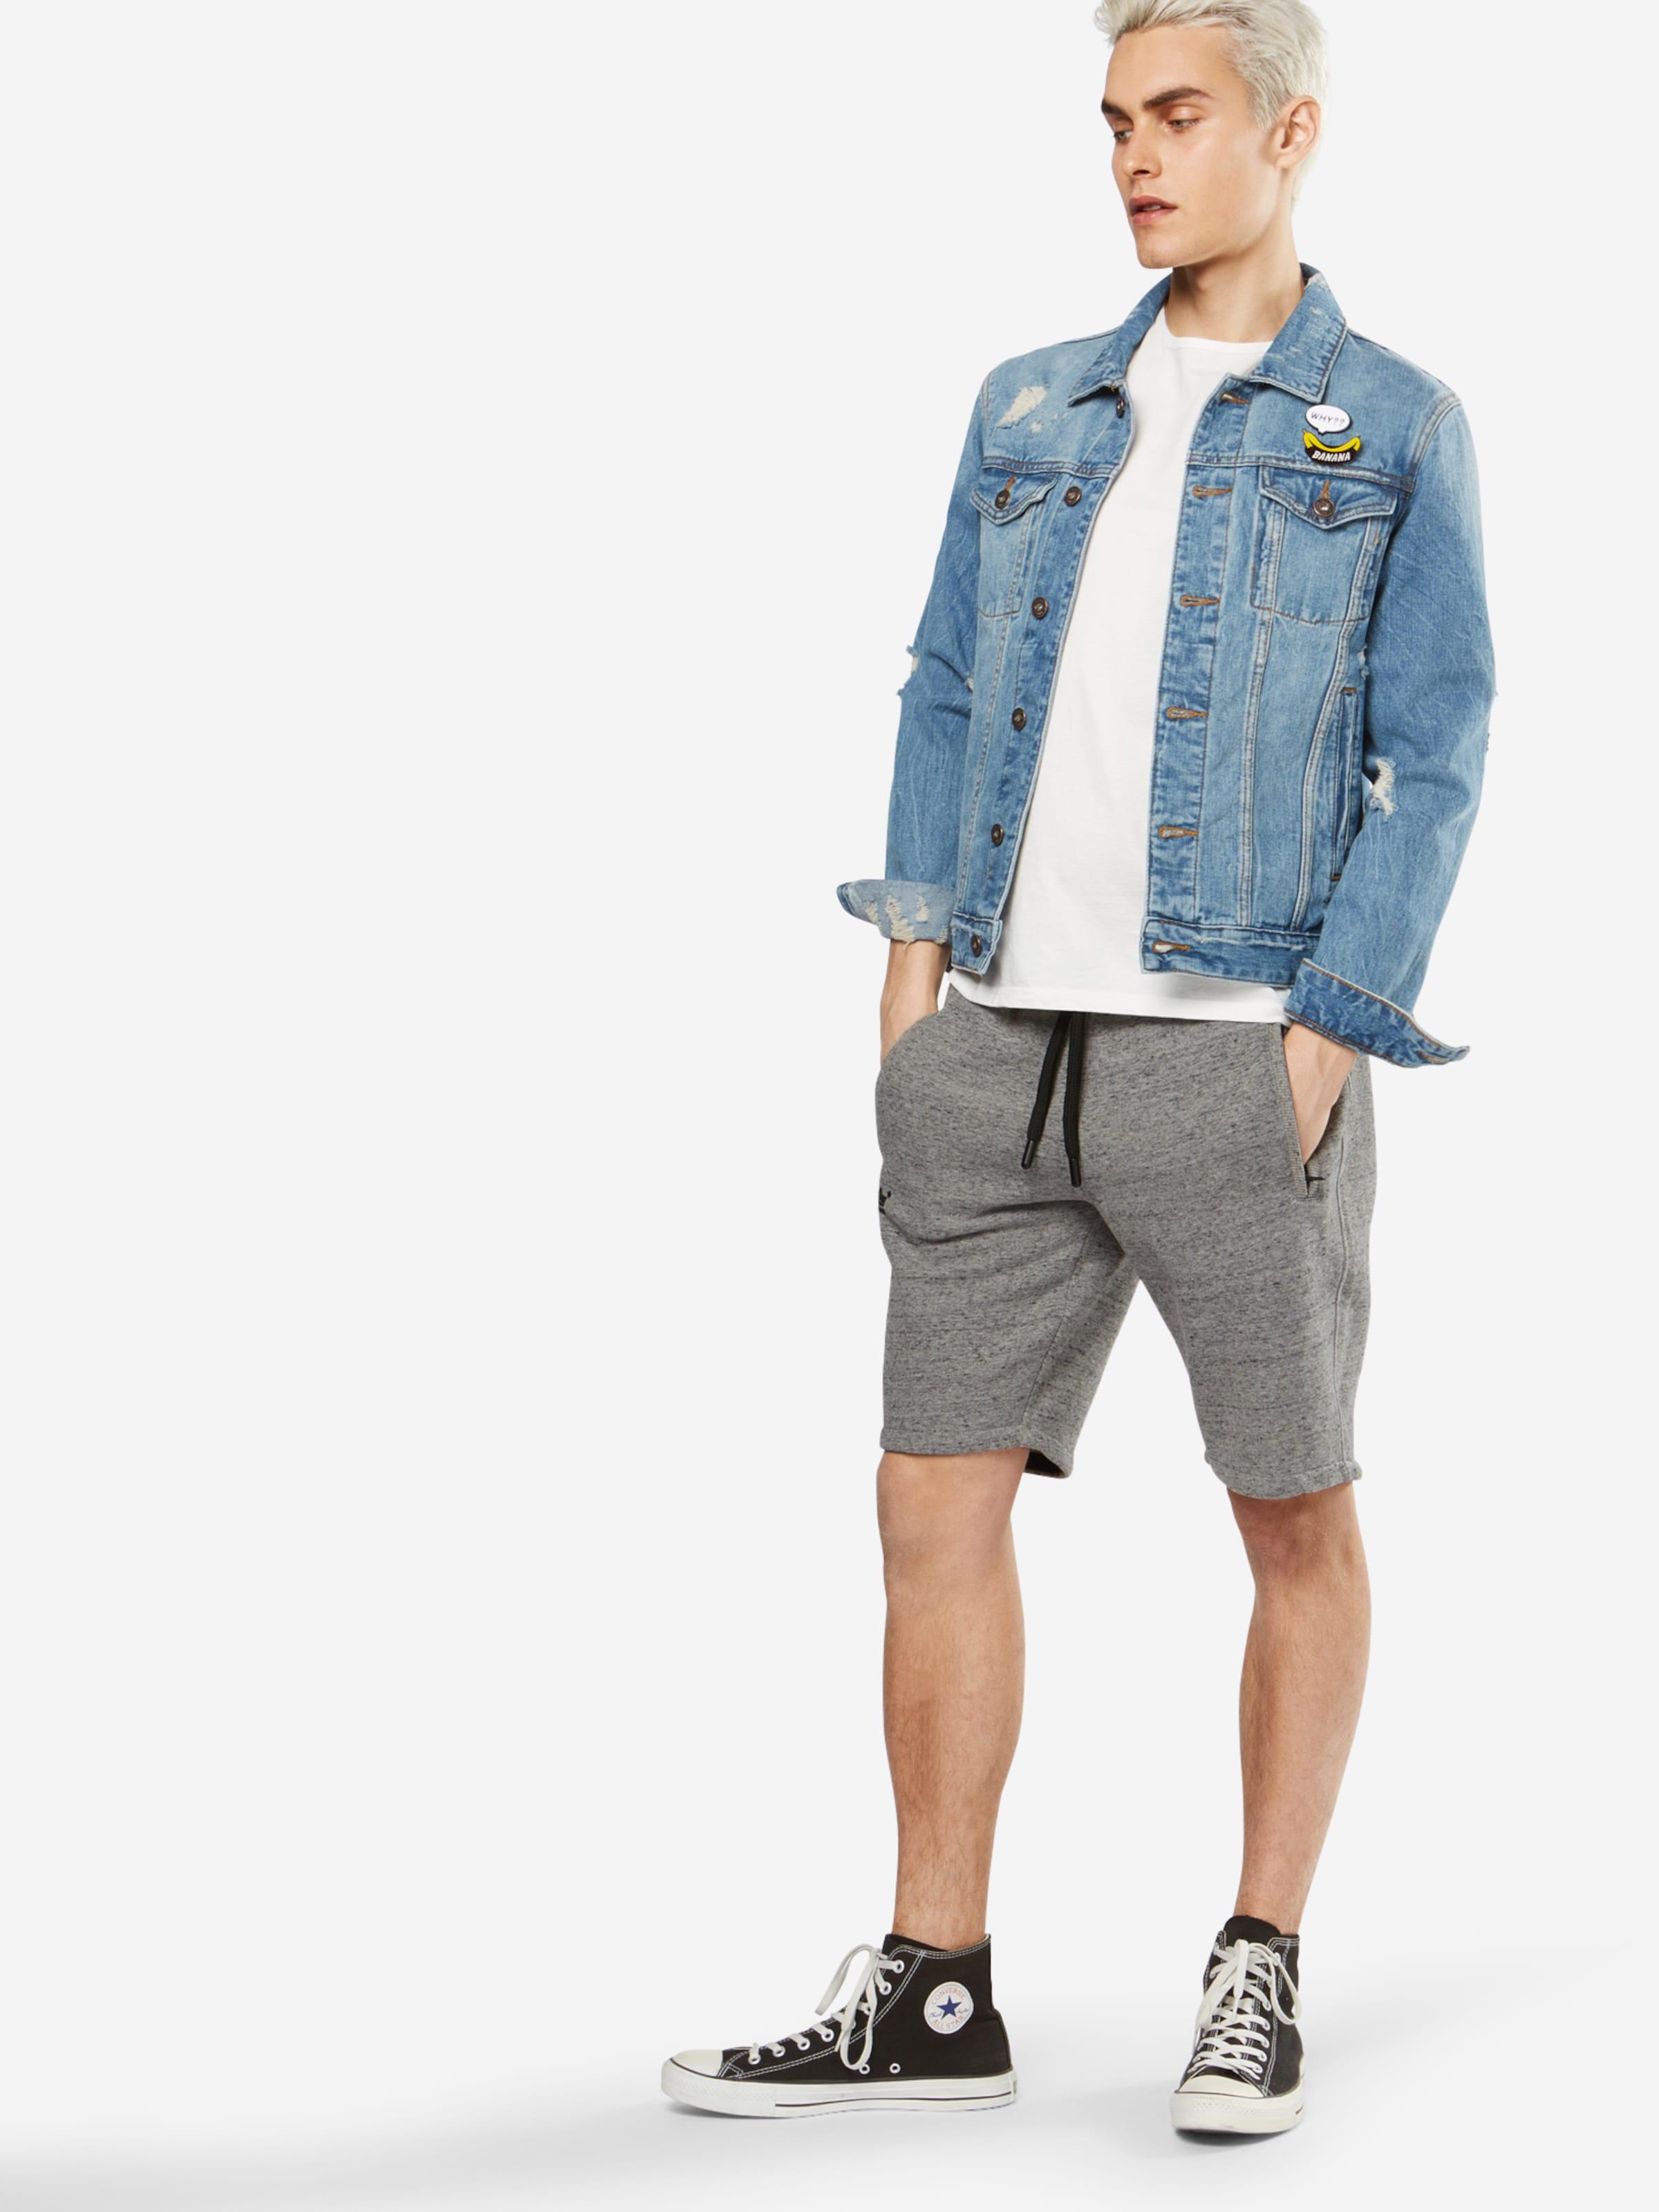 Offizielle Seite Superdry Shorts 'ORANGE LABEL URBAN FLASH SHORT' Blick Zu Verkaufen 2ktO2